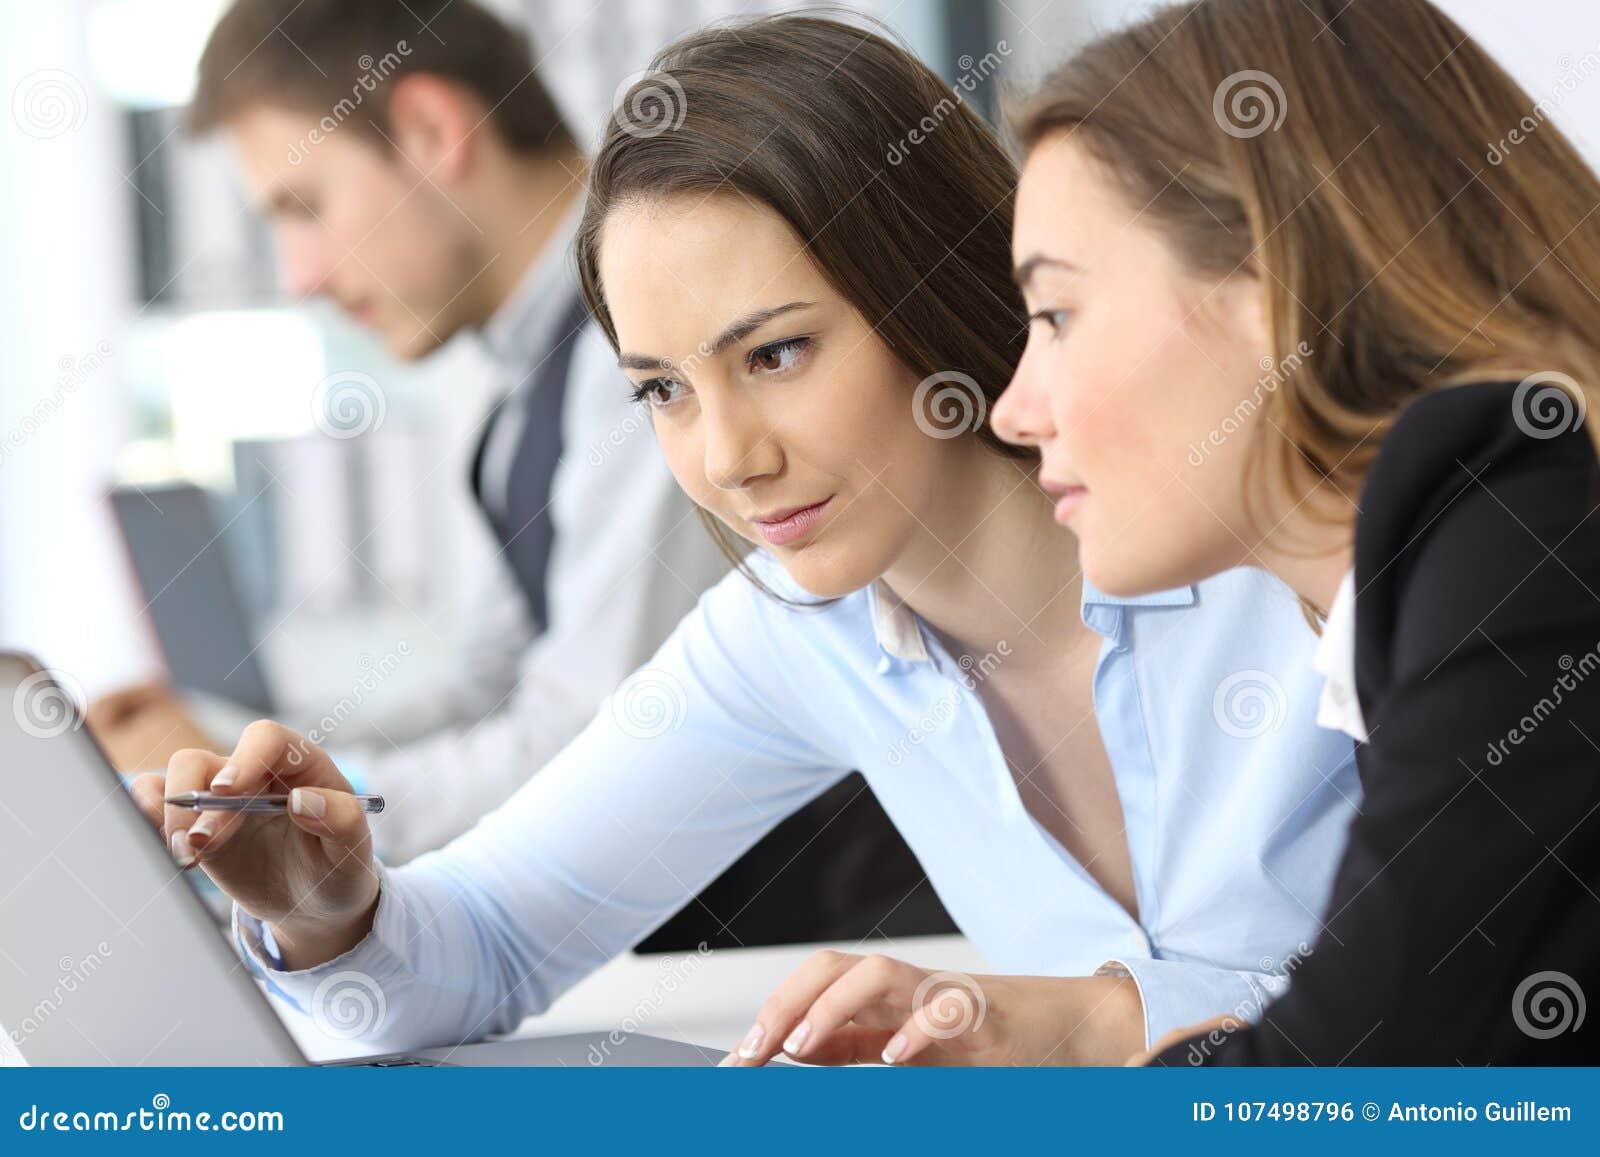 Εργασία επιχειρηματιών σε απευθείας σύνδεση από κοινού